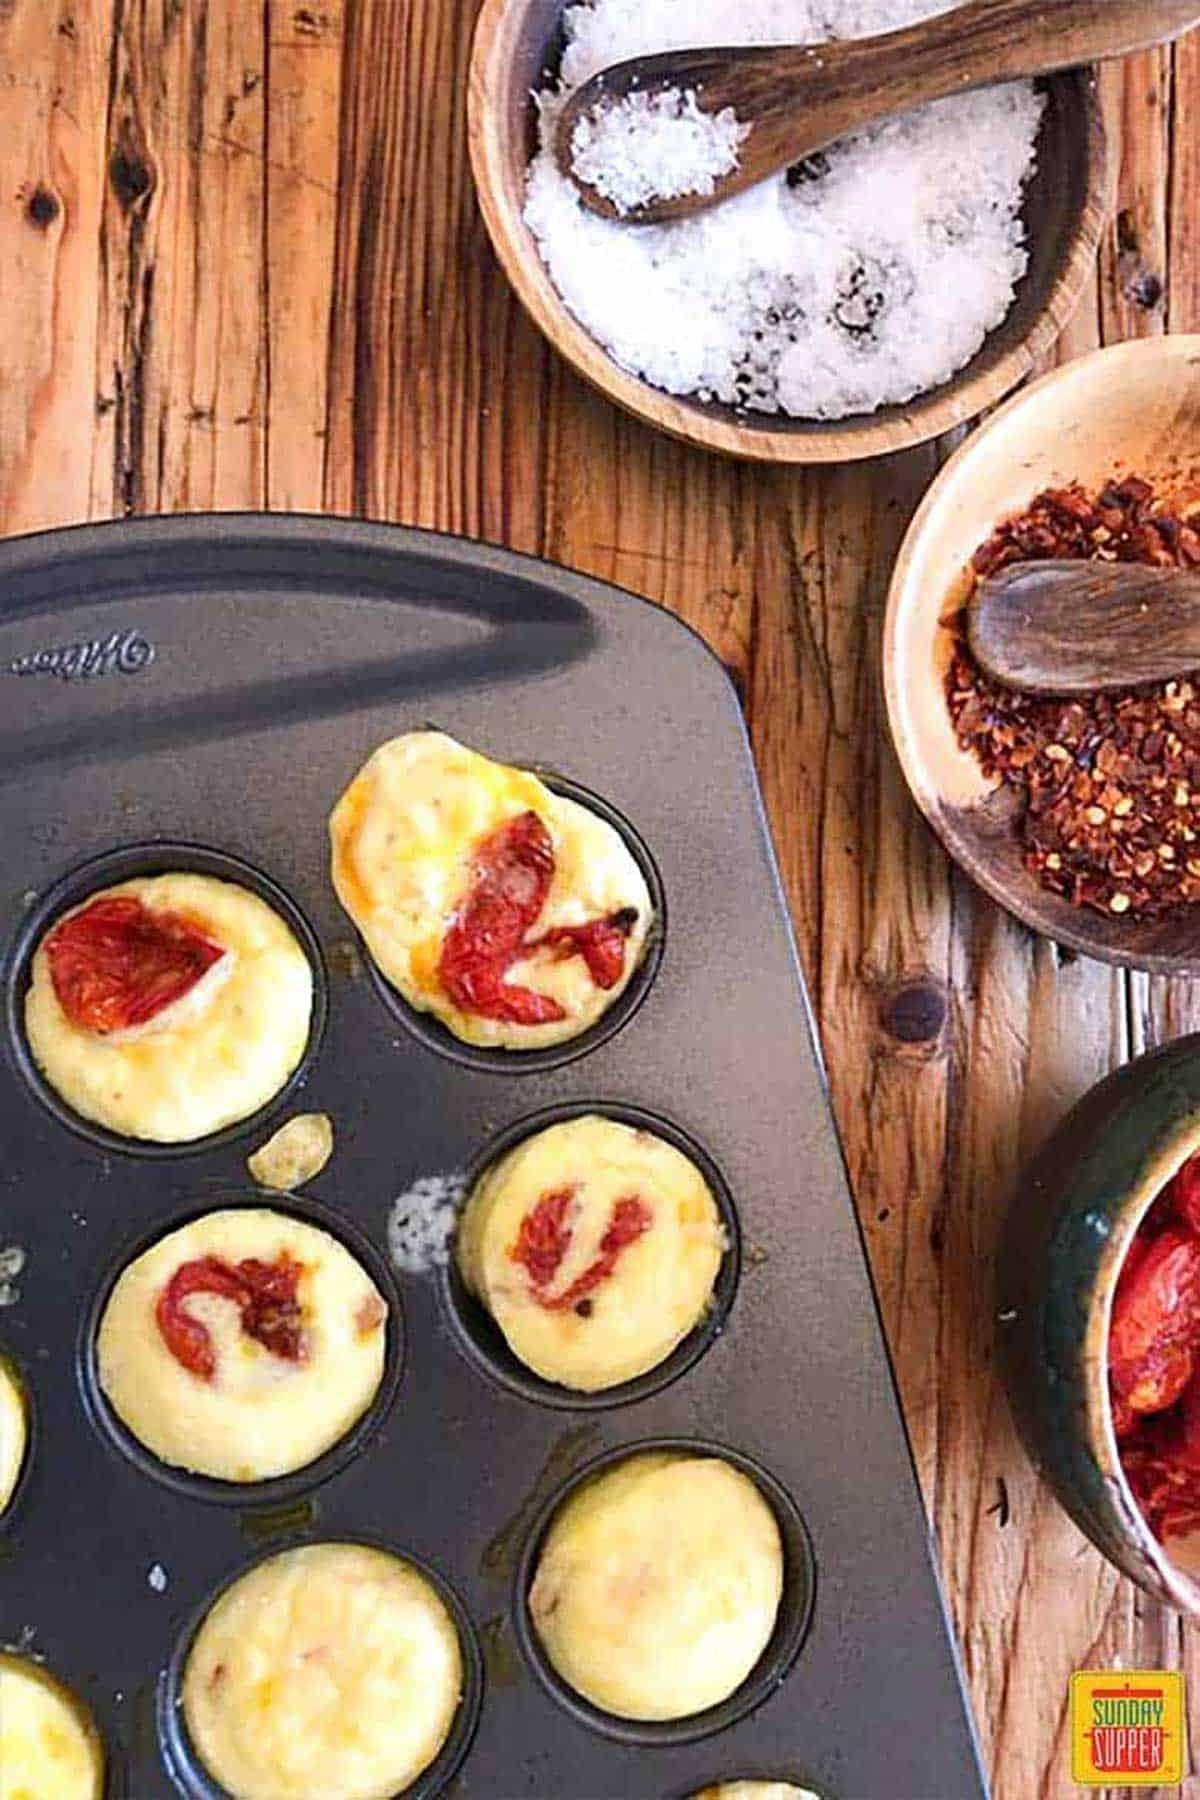 Baked Starbucks egg bites in a muffin tin